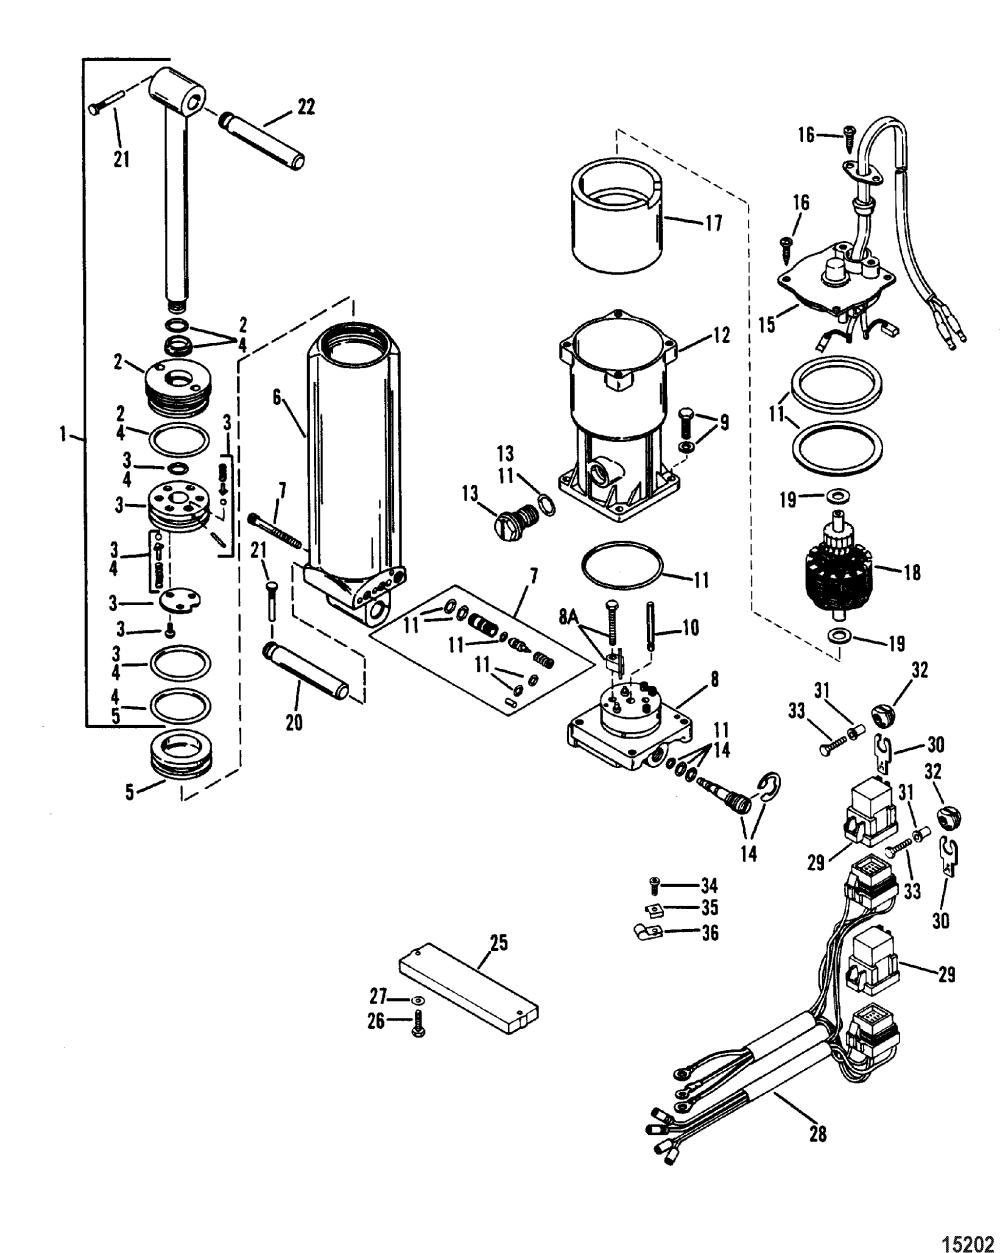 medium resolution of mercury 115 hydraulic trim wiring wiring diagram show mercury power trim pump diagram mercury 115 hydraulic